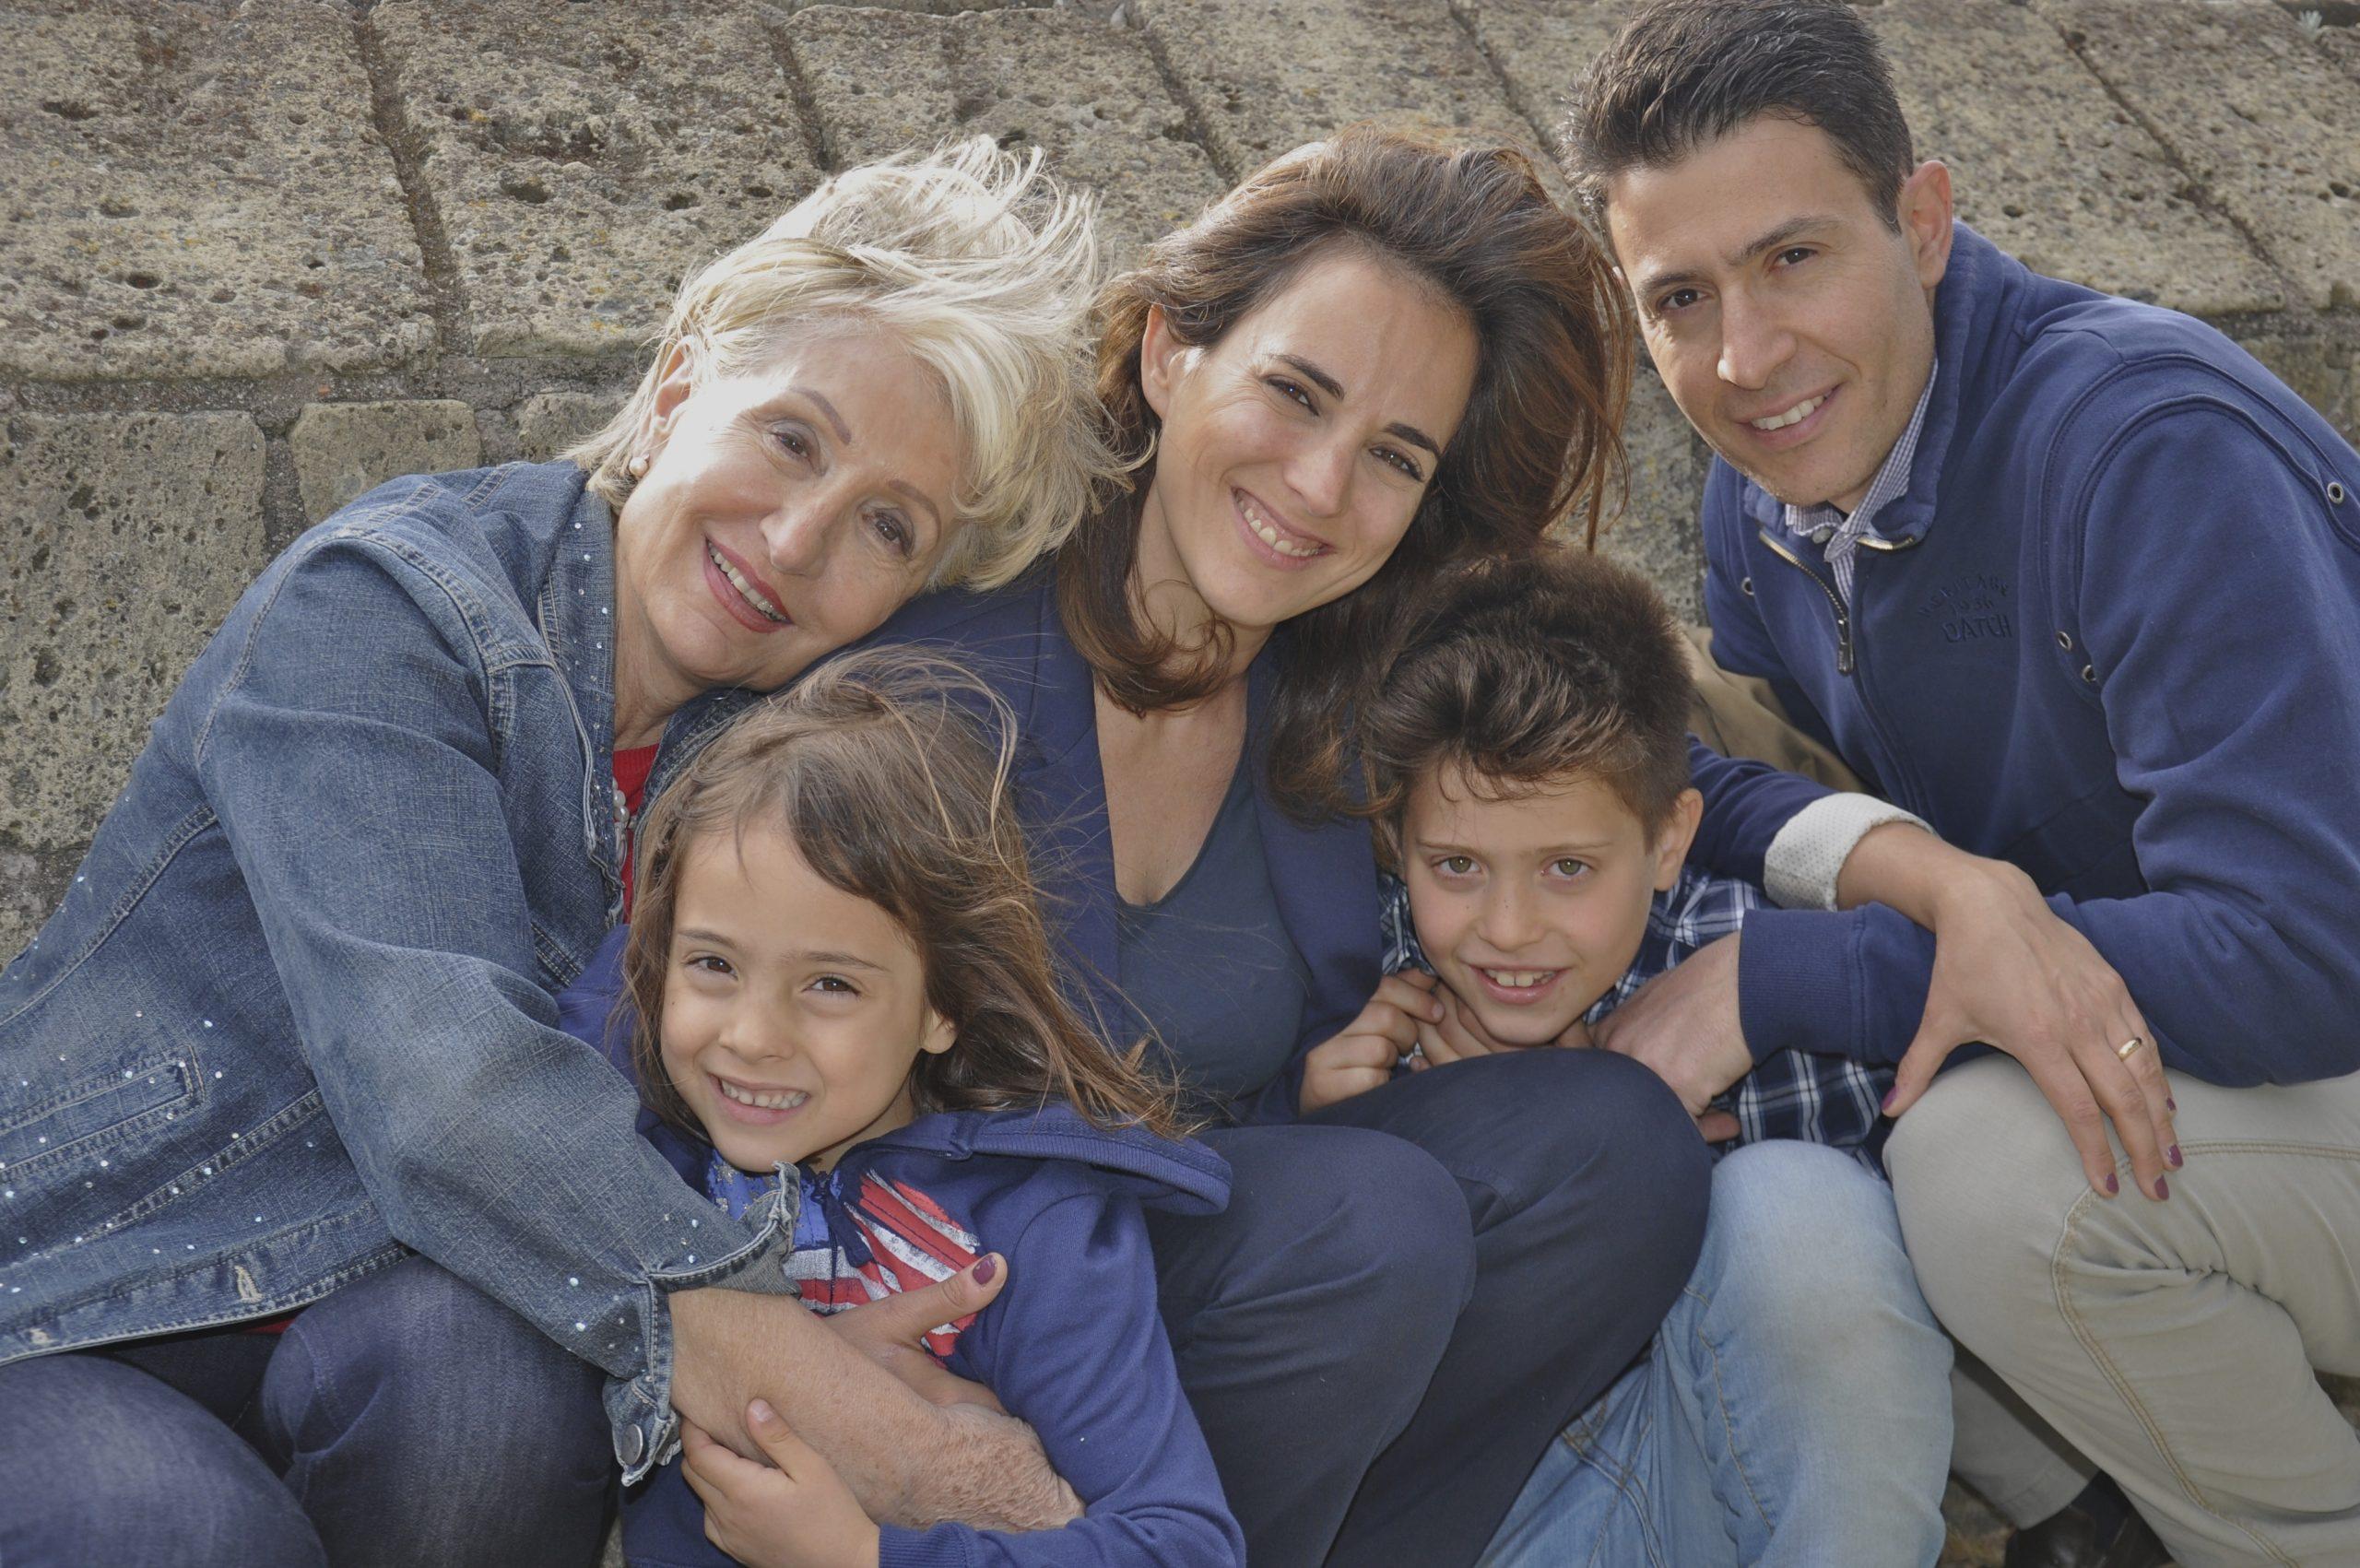 Μια μητέρα από την Ιταλία συμβουλεύει: Να τι θα έκανα διαφορετικά σε αυτή την πανδημία